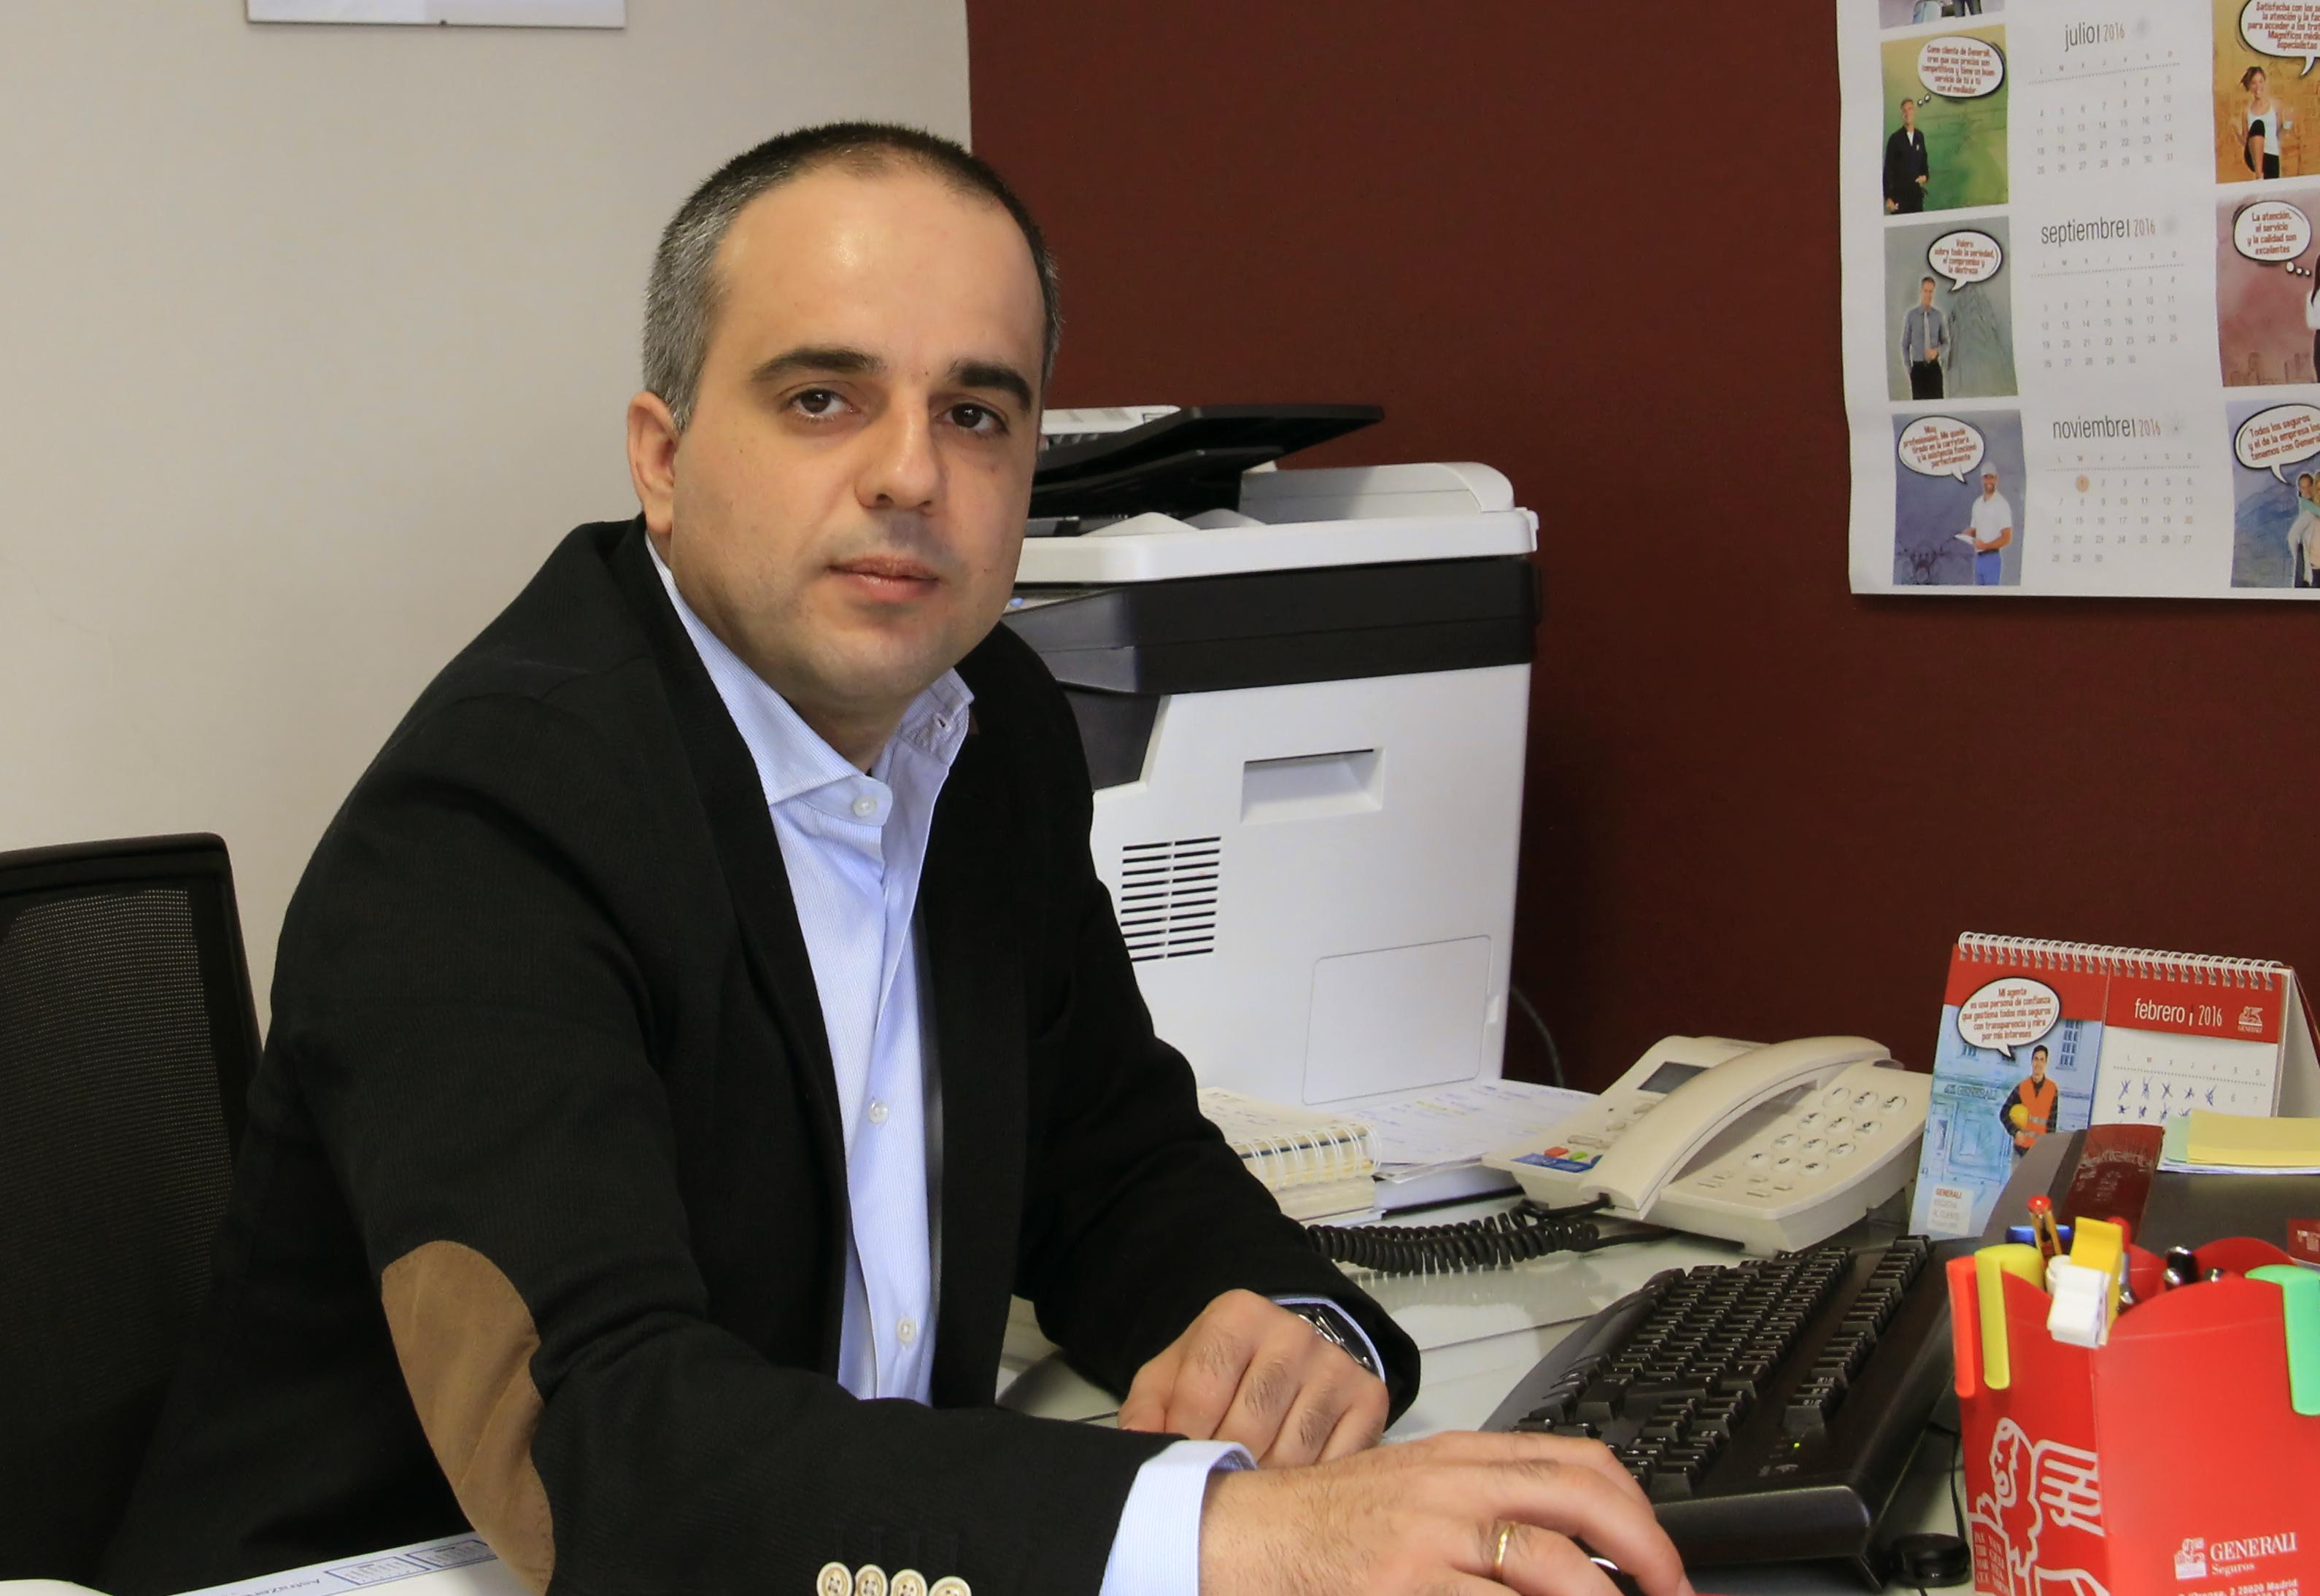 Juan A. Pérez